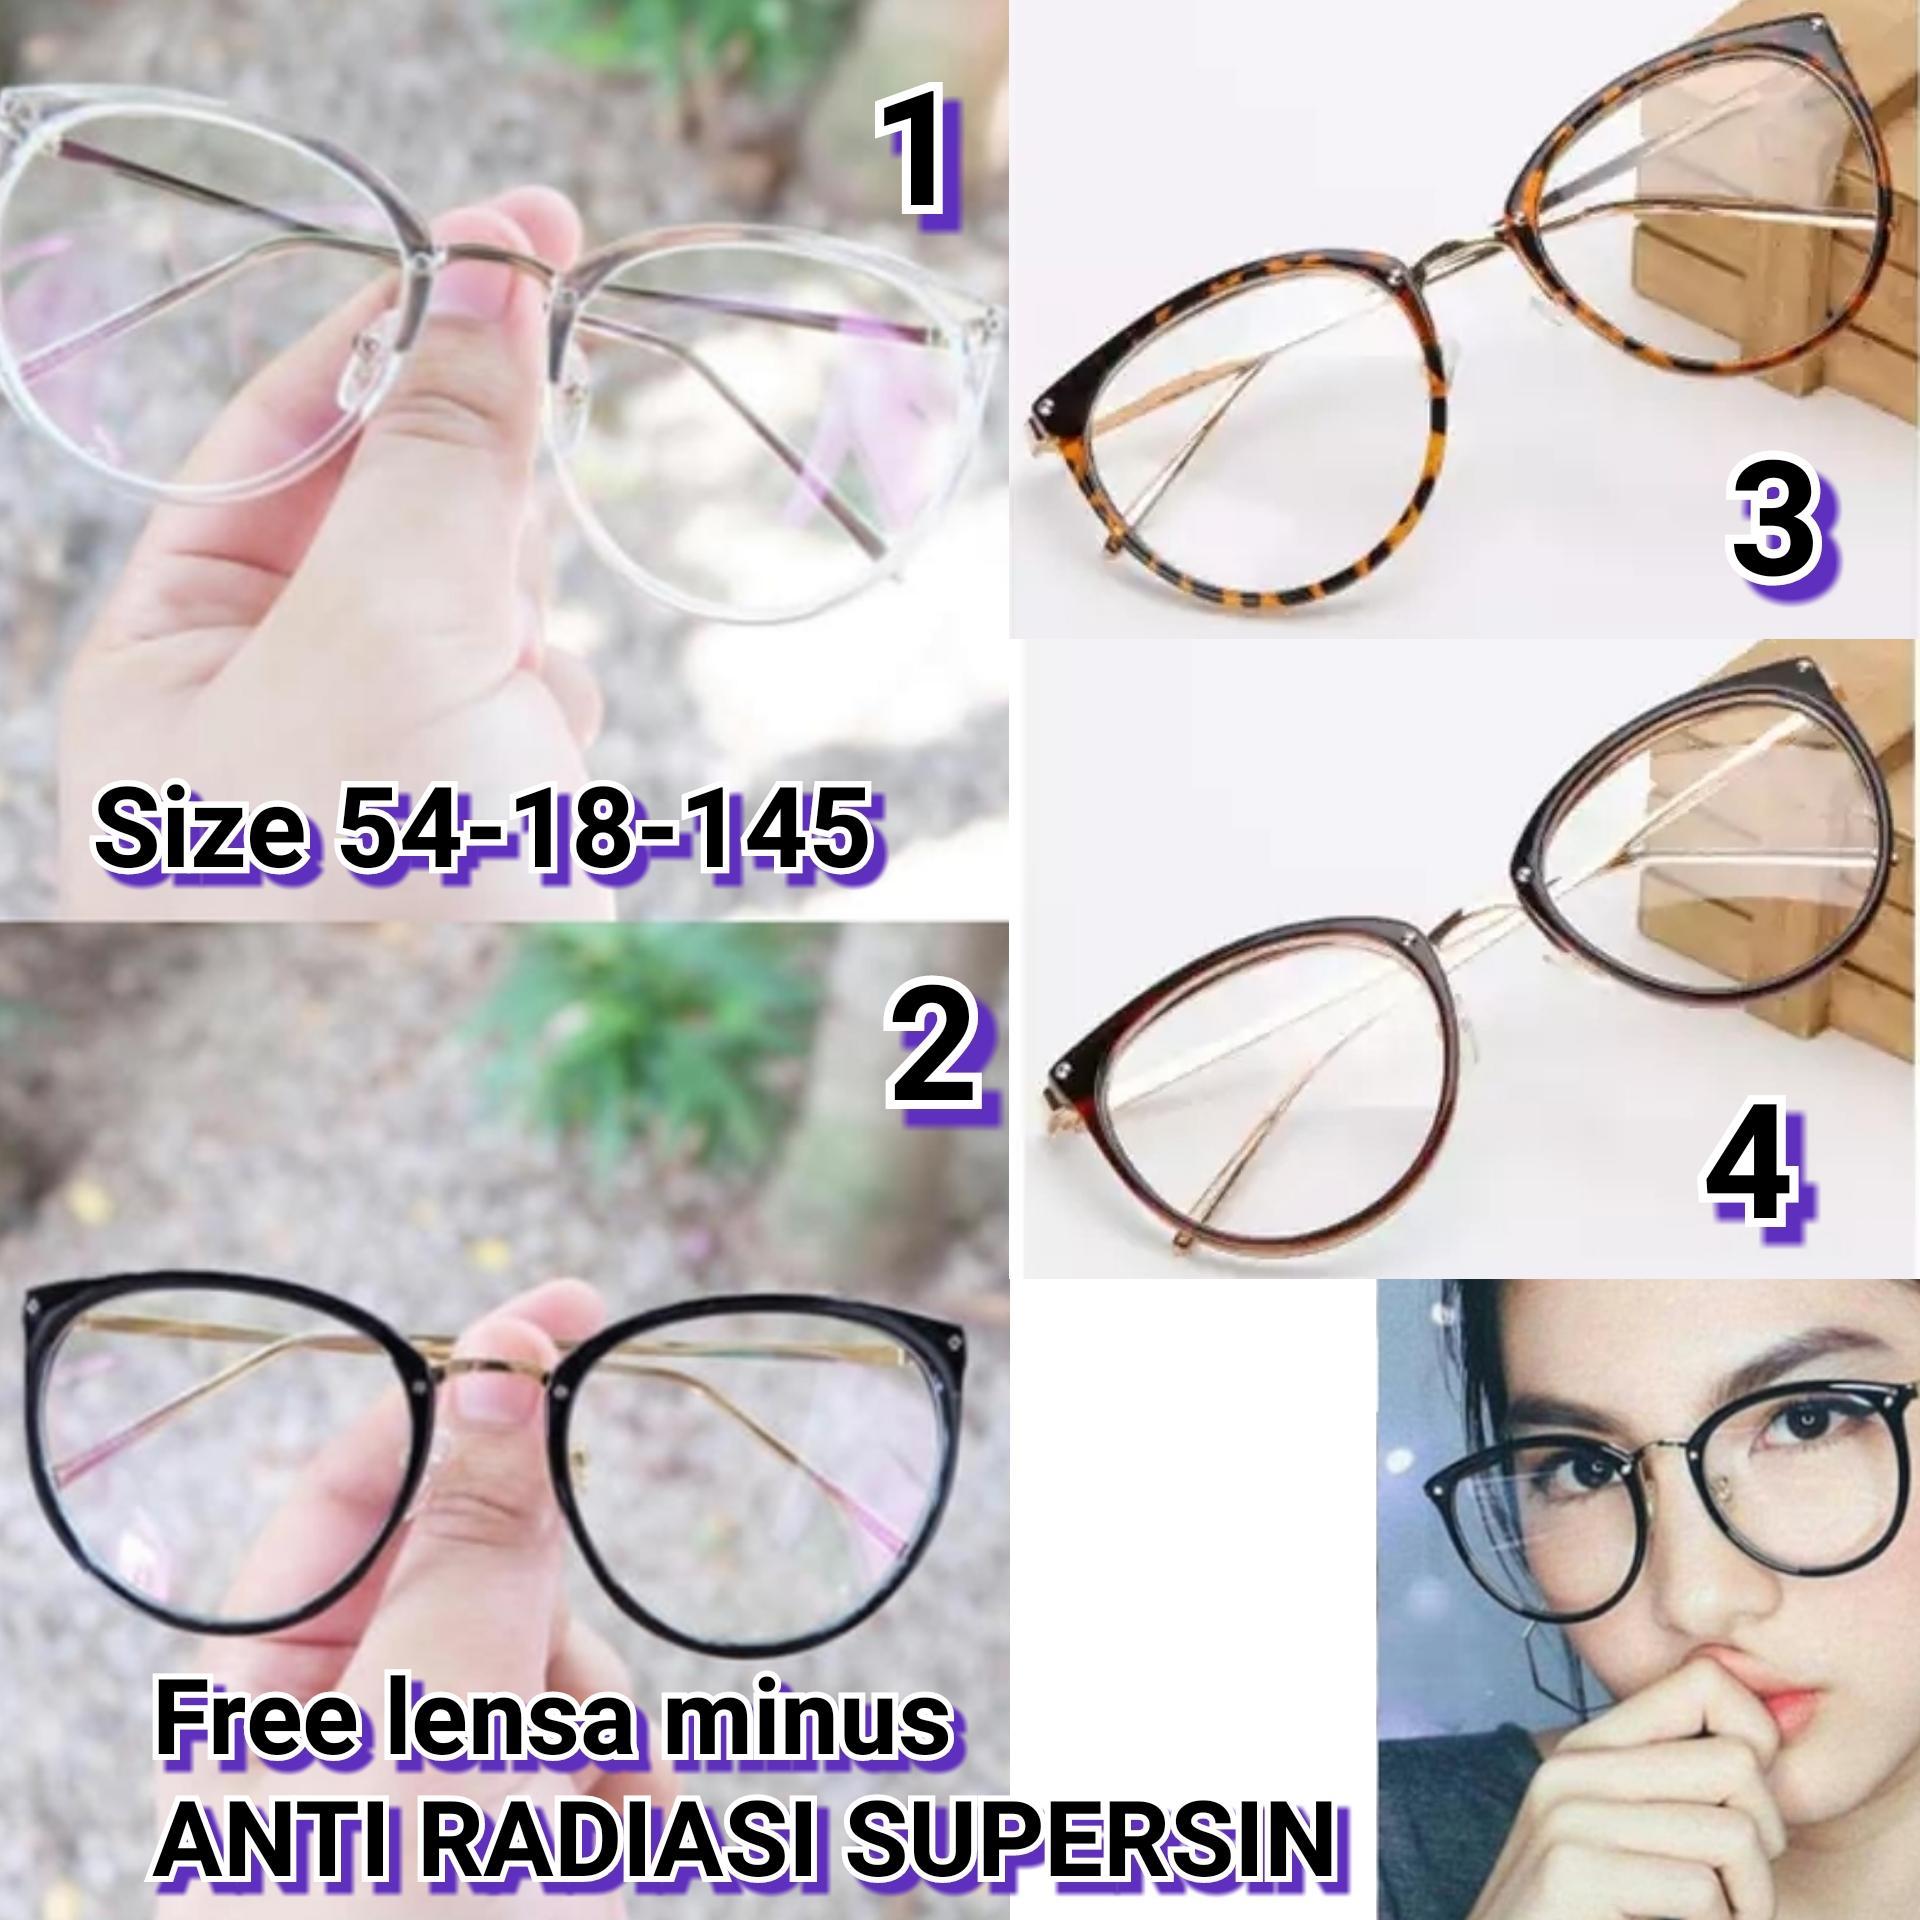 Frame Kacamata Trinity Kacamata baca kacamata bulat kacamata minus   plus  cylinder  kacamata anti radiasi 1415be7f1e